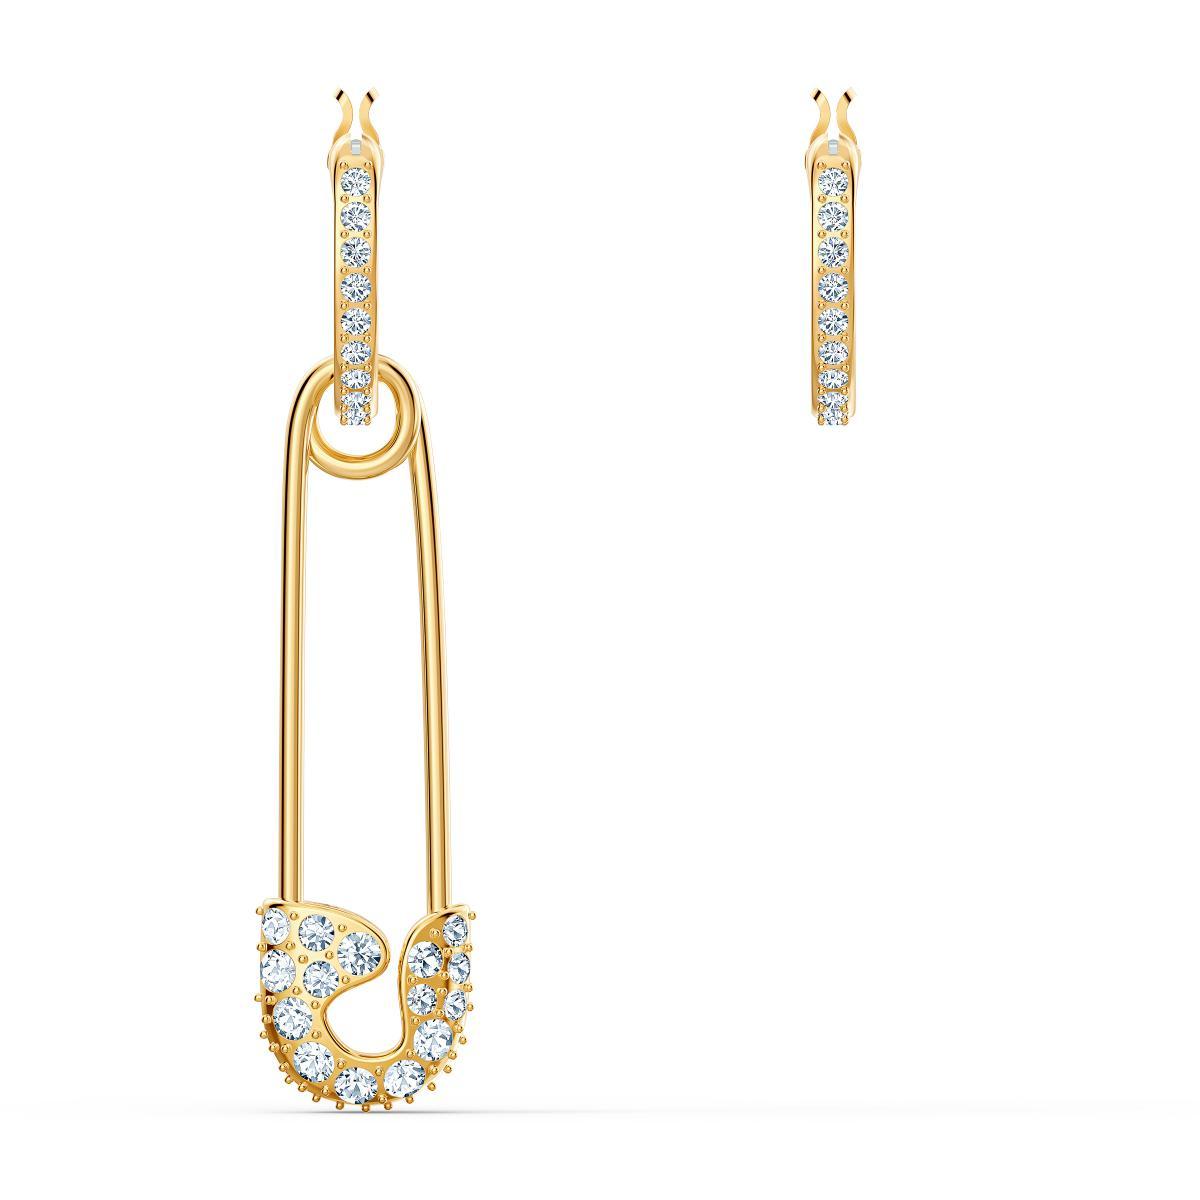 Boucles d'oreilles Swarovski 5521704 Boucles d'oreilles métal or épingle et strass Femme Plus de détails